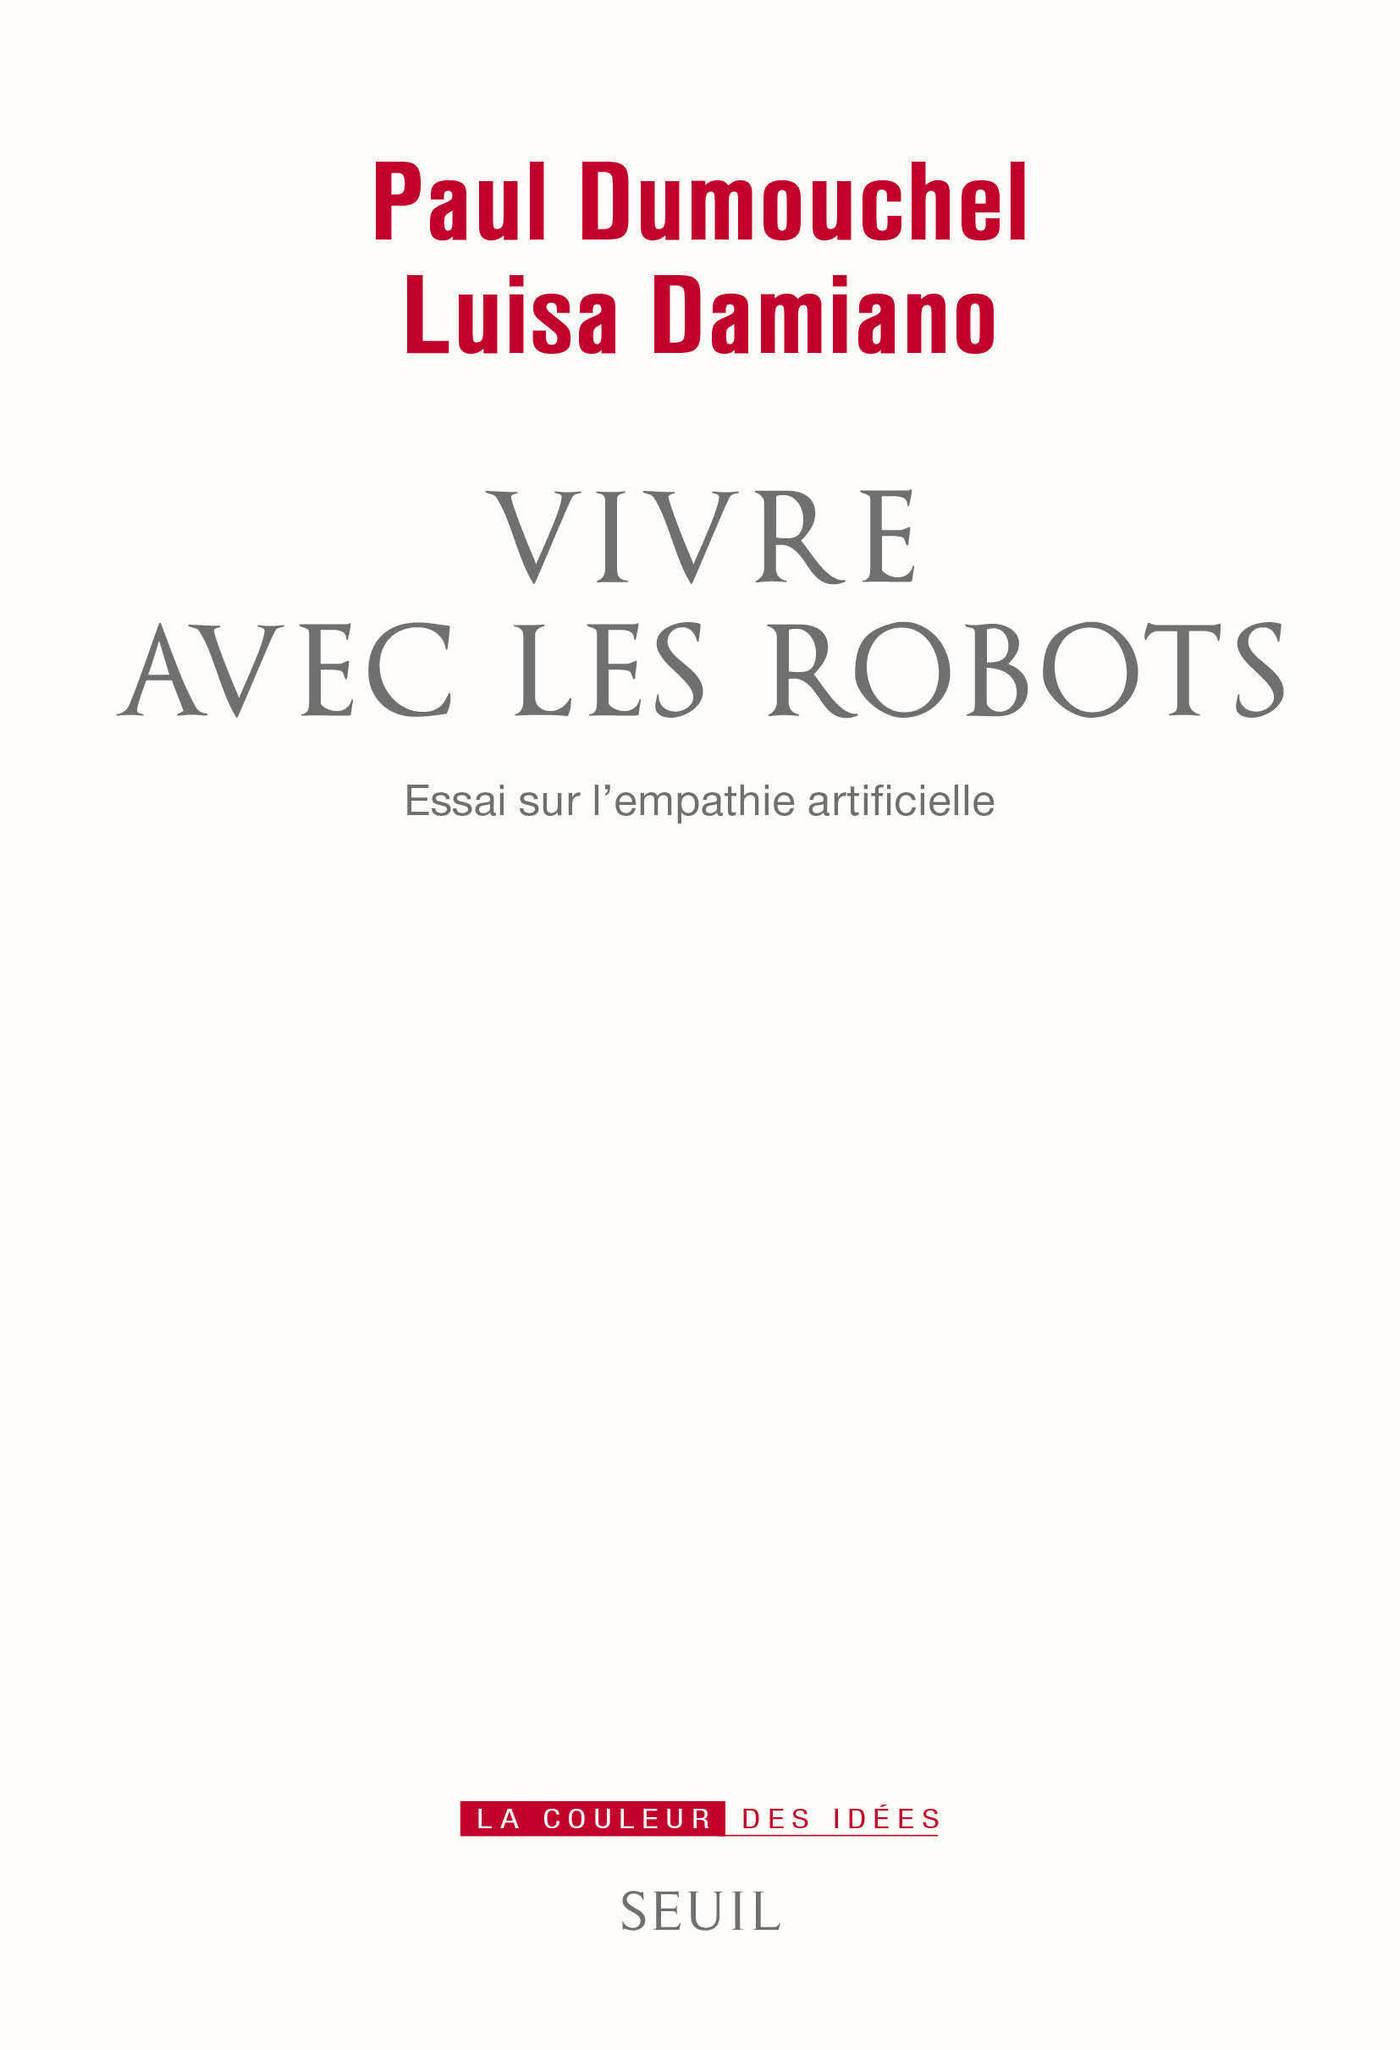 Vivre avec les robots. Essai sur l'empathie artificielle